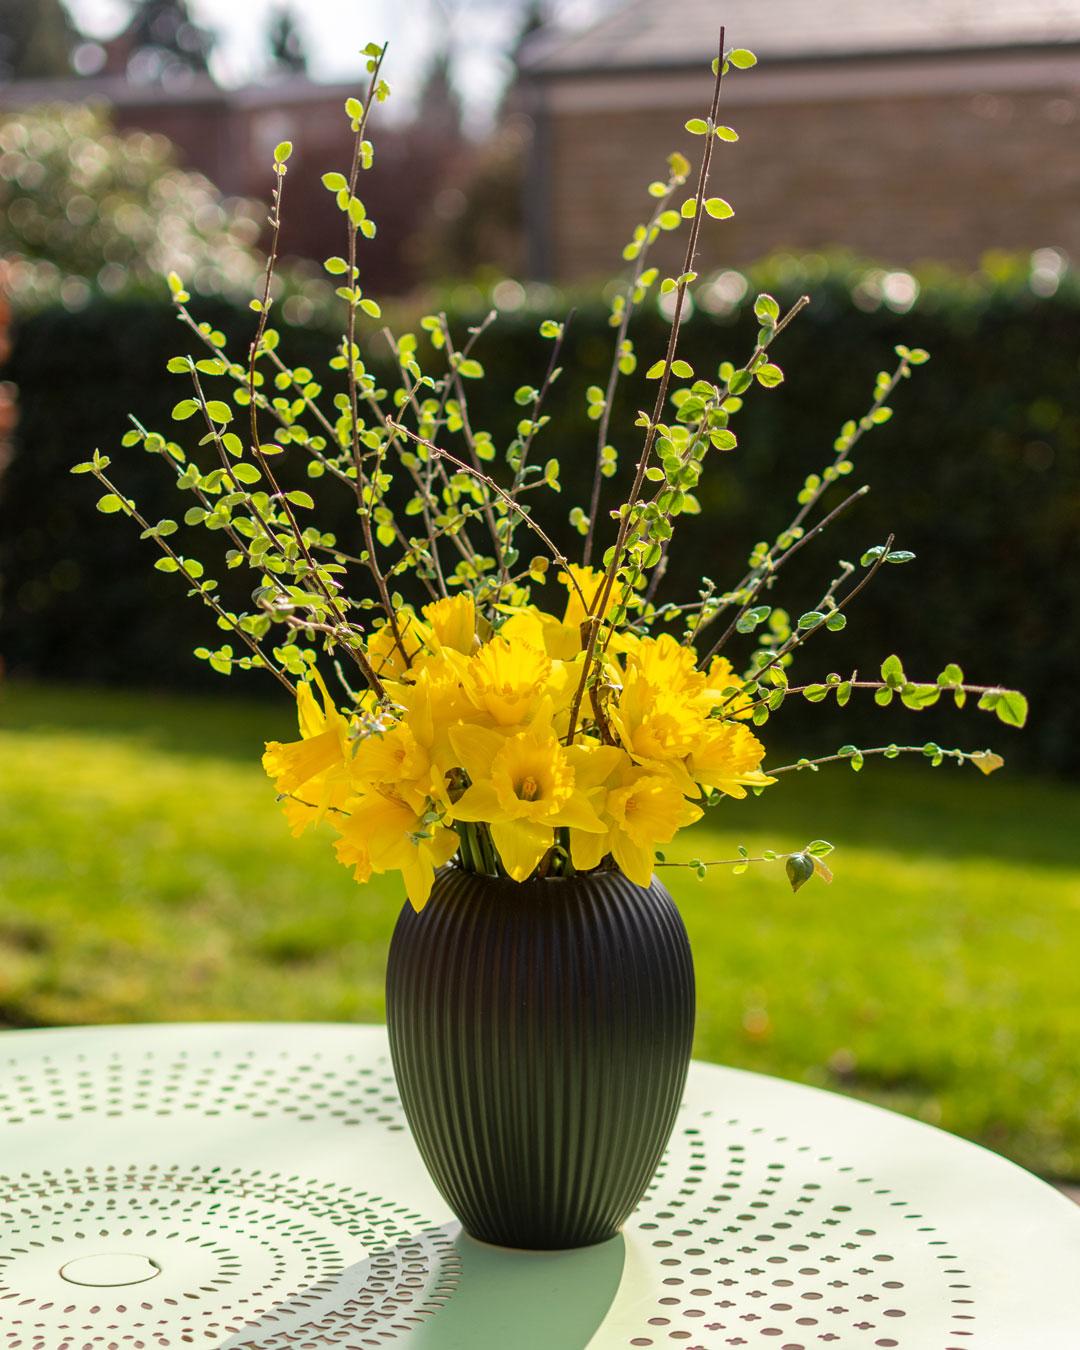 Sort vase fra Michael Andersen på lysegrønt havebord med gule påskeliljer og hækplante